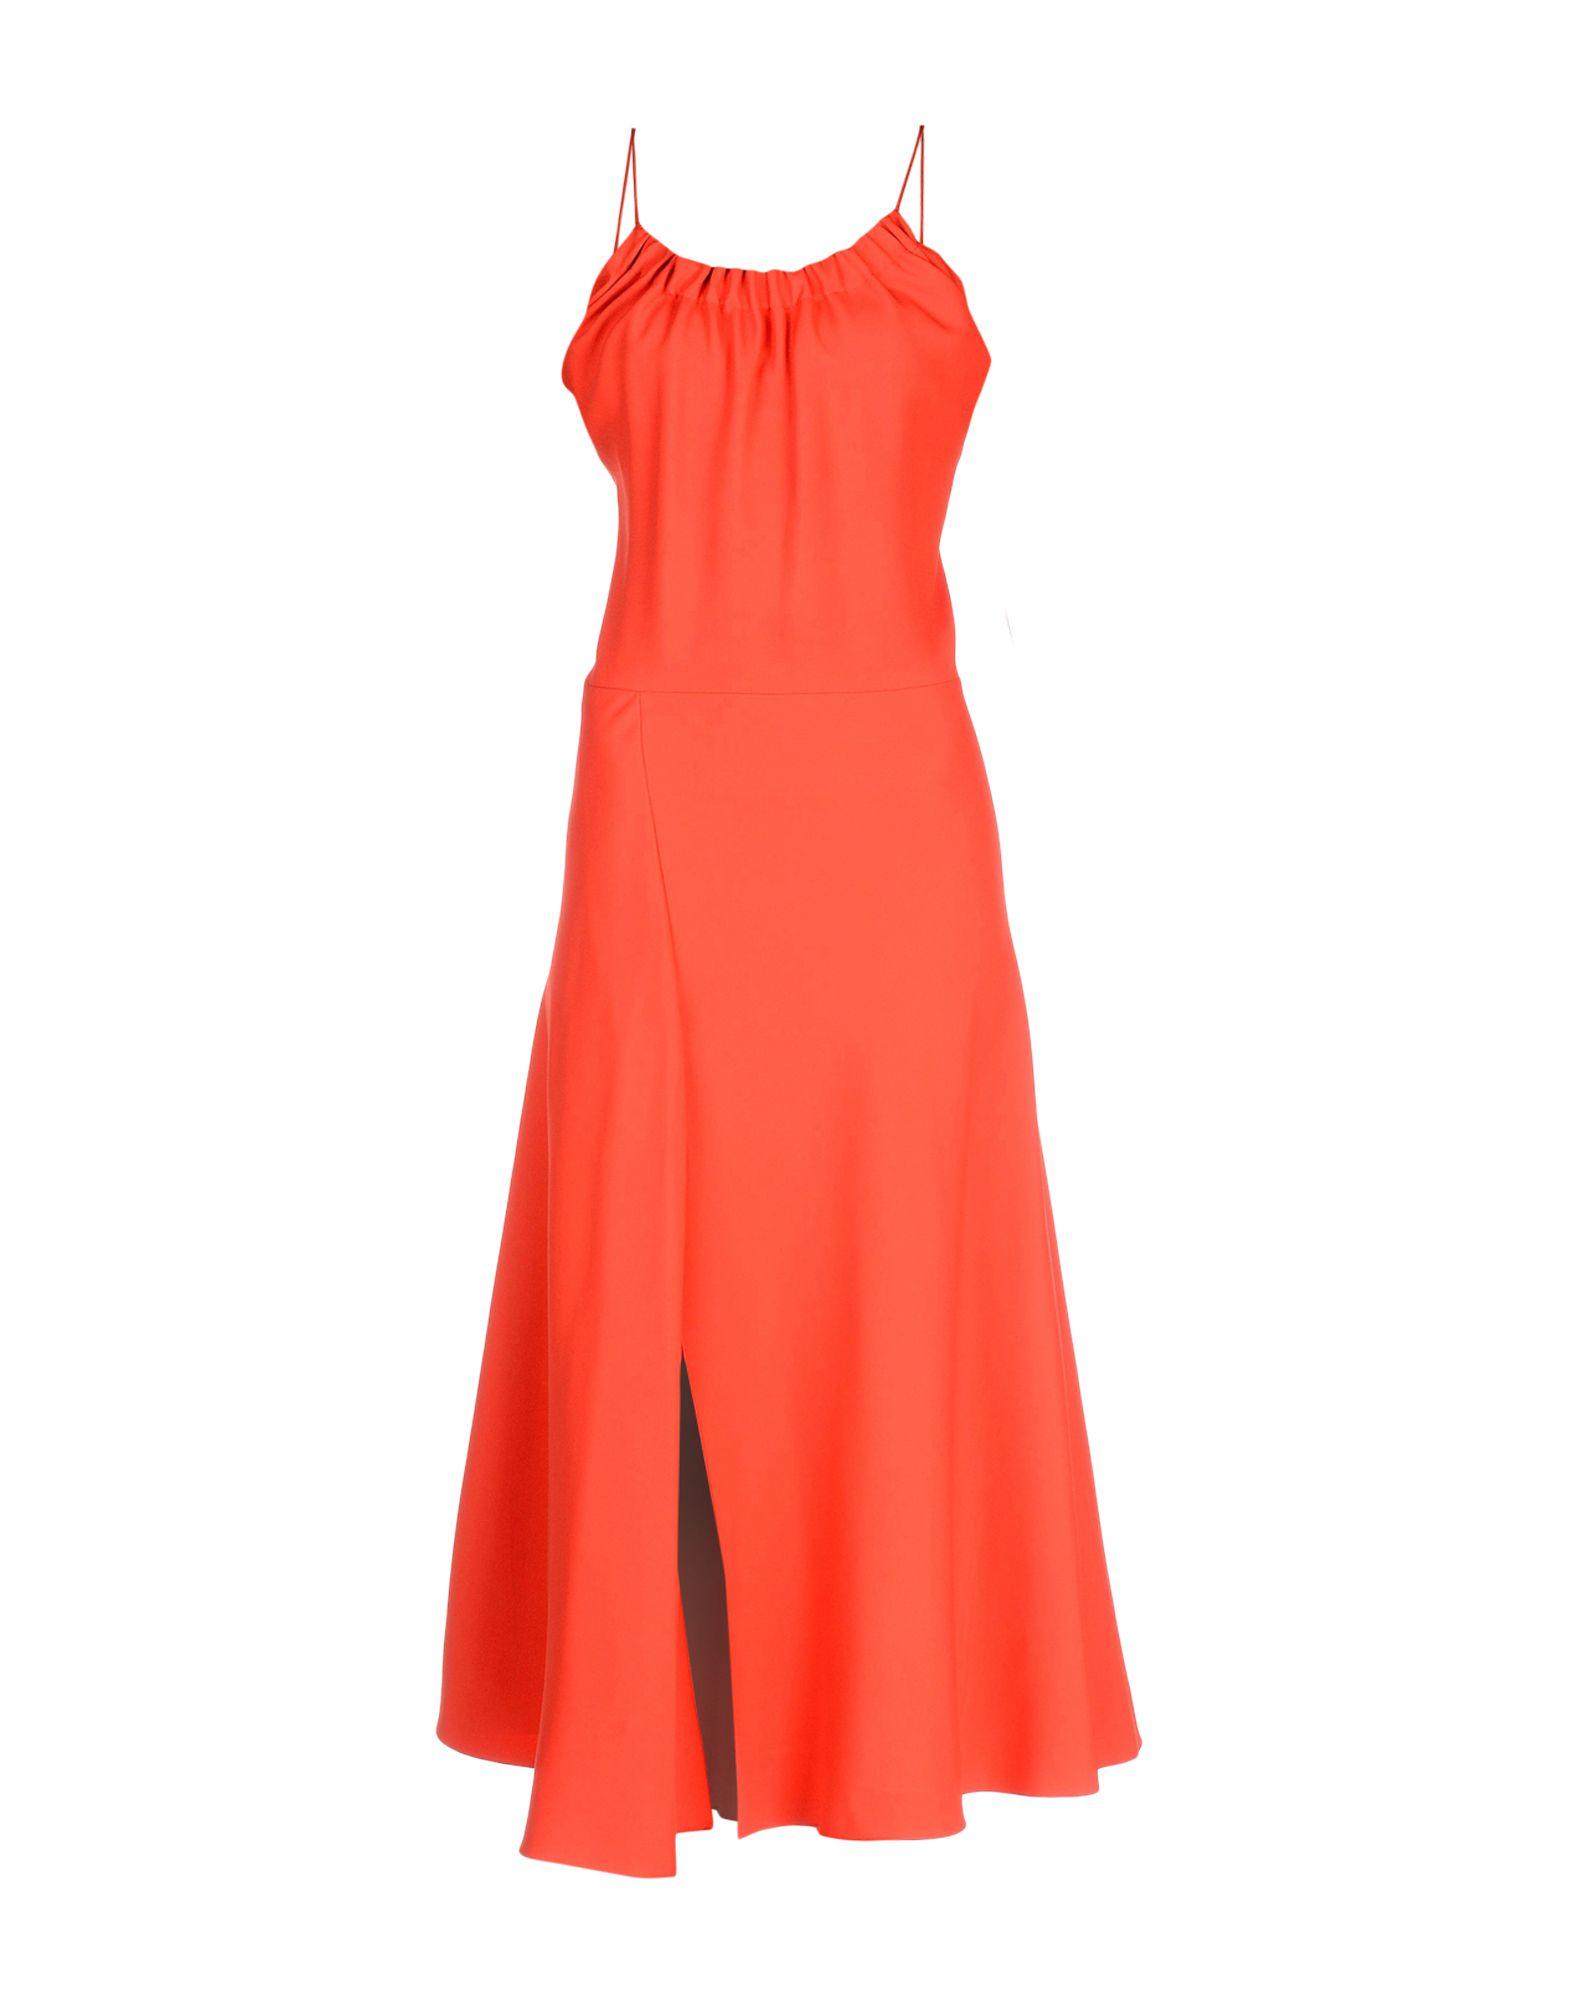 VICTORIA BECKHAM Длинное платье платье короткое спереди длинное сзади летнее